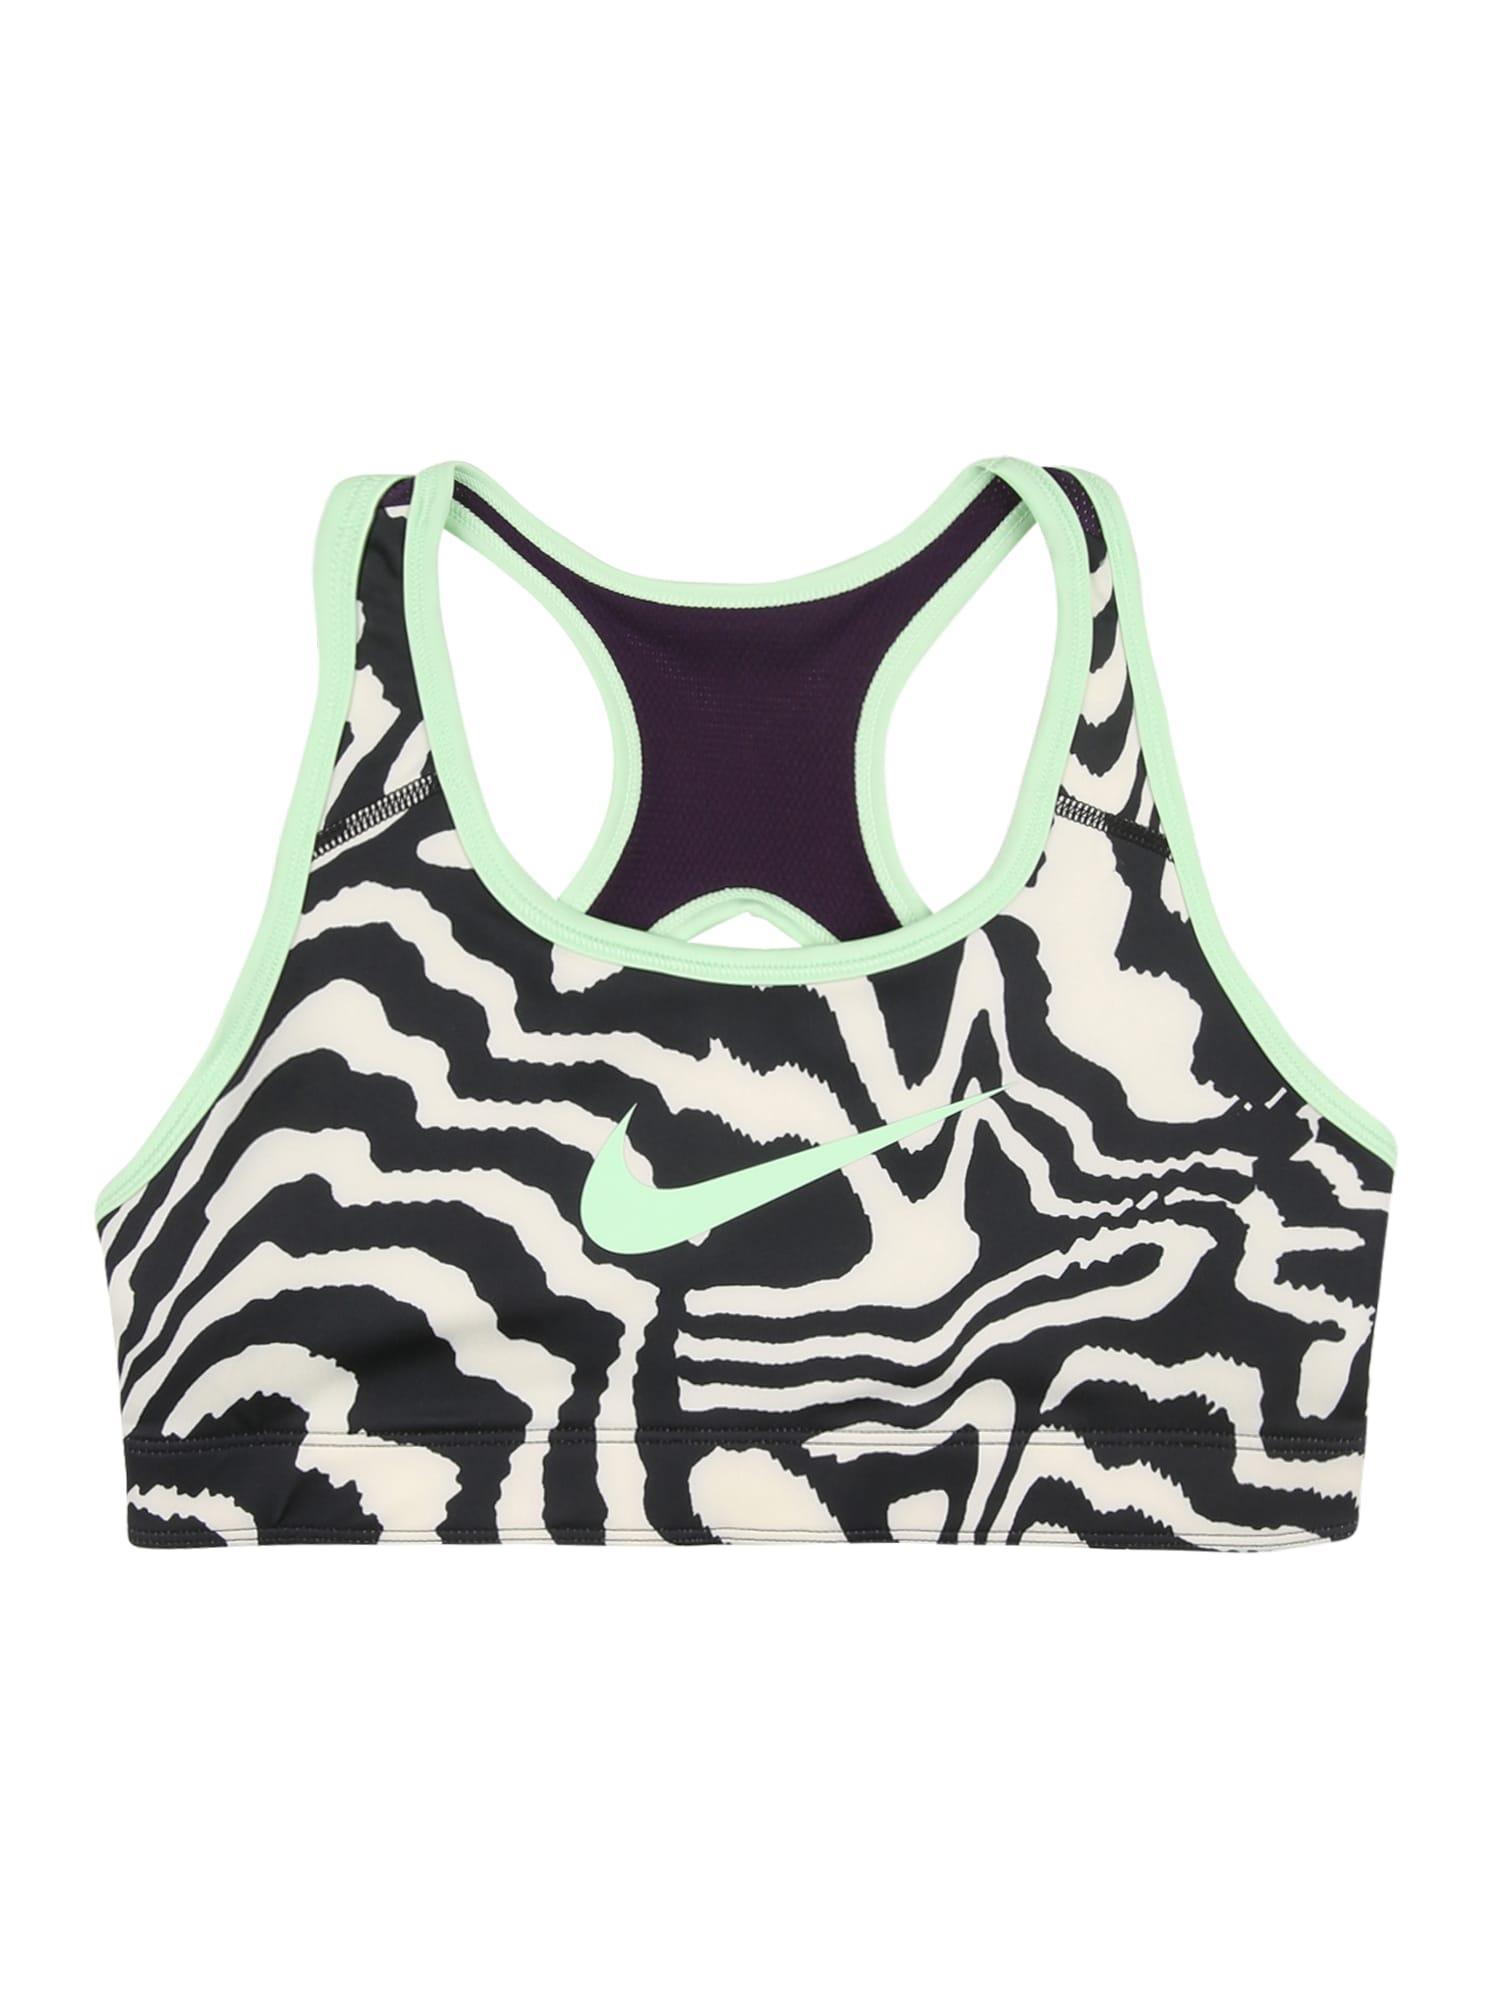 NIKE Sportinio stiliaus apatiniai drabužiai juoda / šviesiai žalia / balta